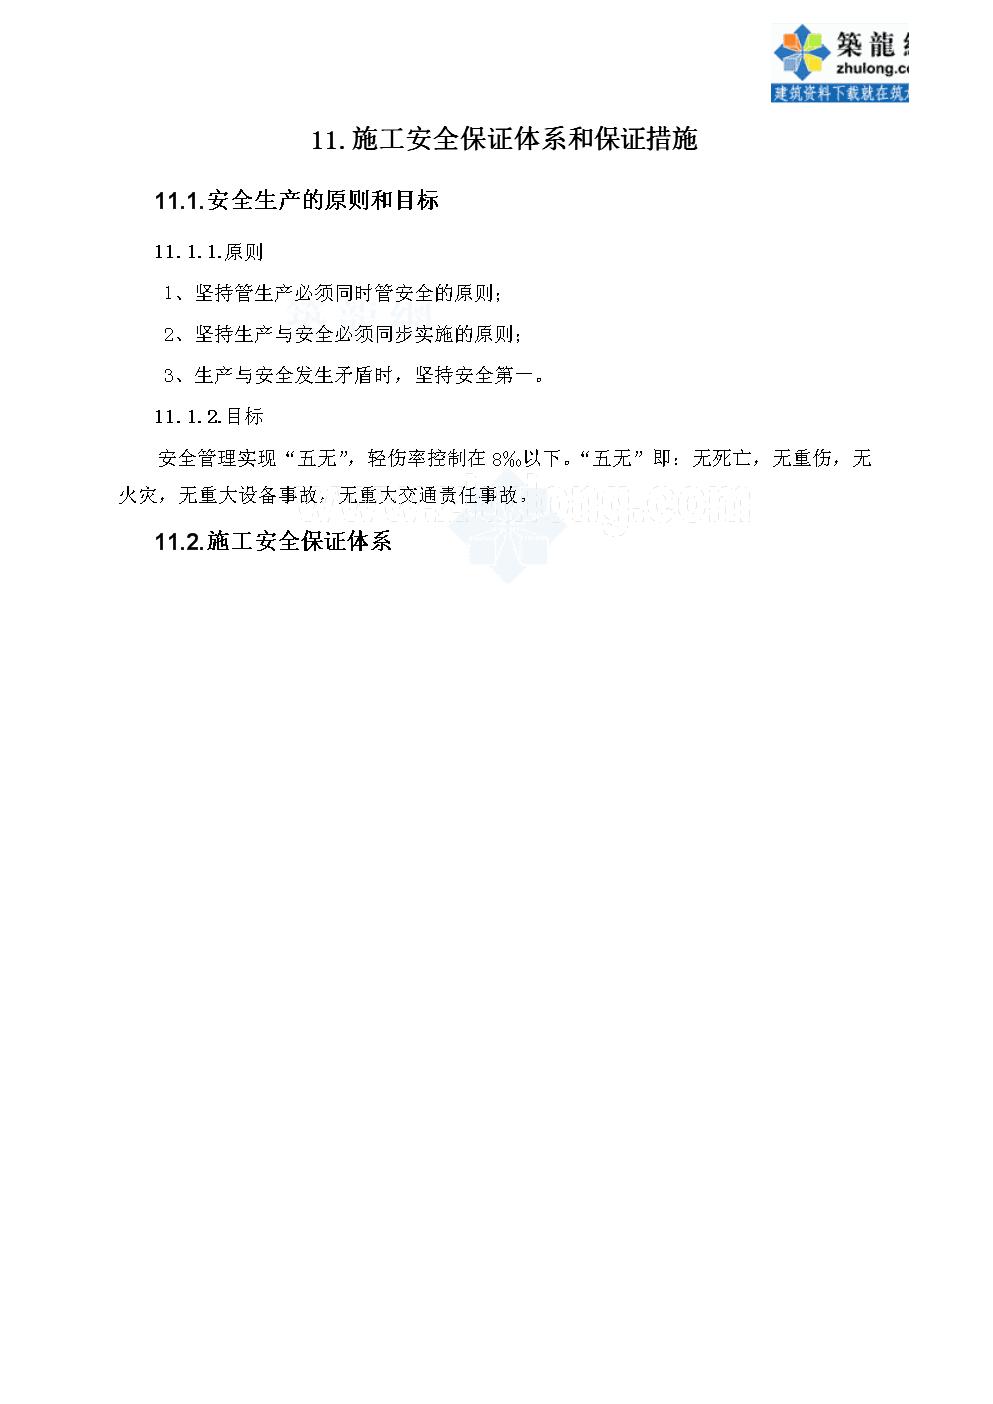 011安全施工措施.doc